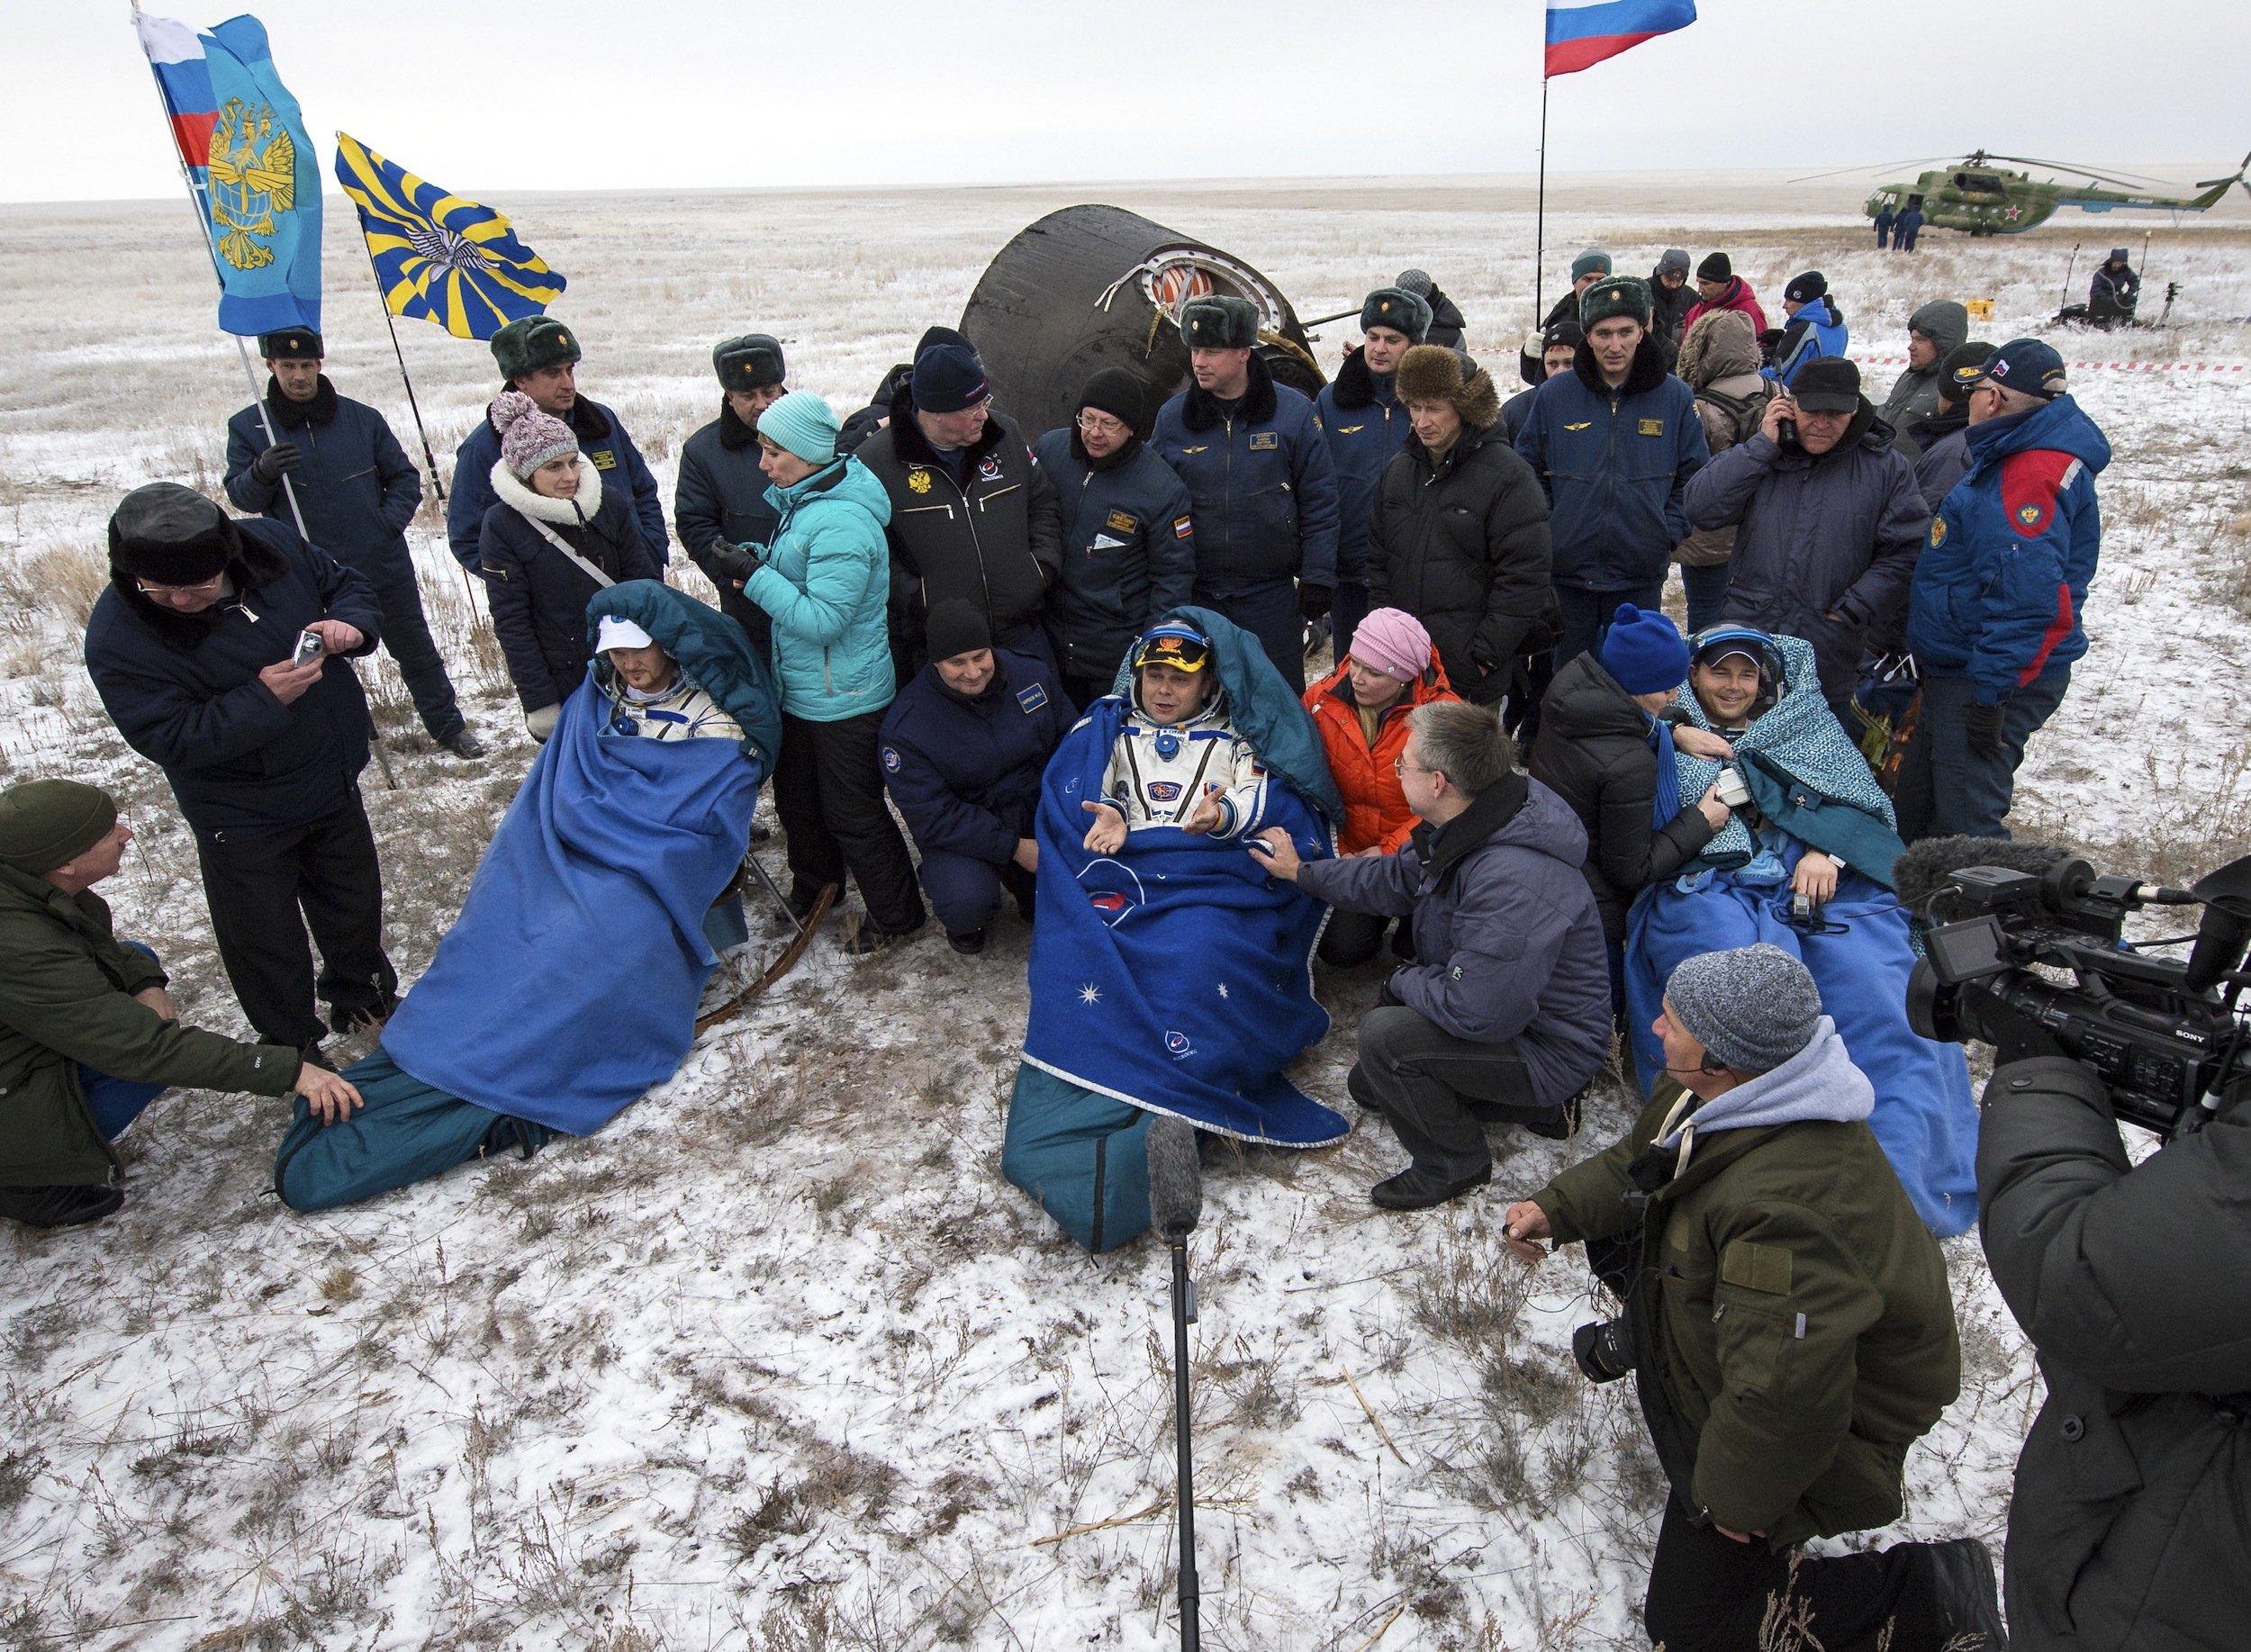 Kaum gelandet, schon die erste Pressekonferenz: Von links die WeltraumfahrerAlexander Gerst (Deutschland), MaximSurajew(Russland) und Reid Wiseman (USA) nur wenige Minuten nach der Landung im Schnee von Kasachstan.